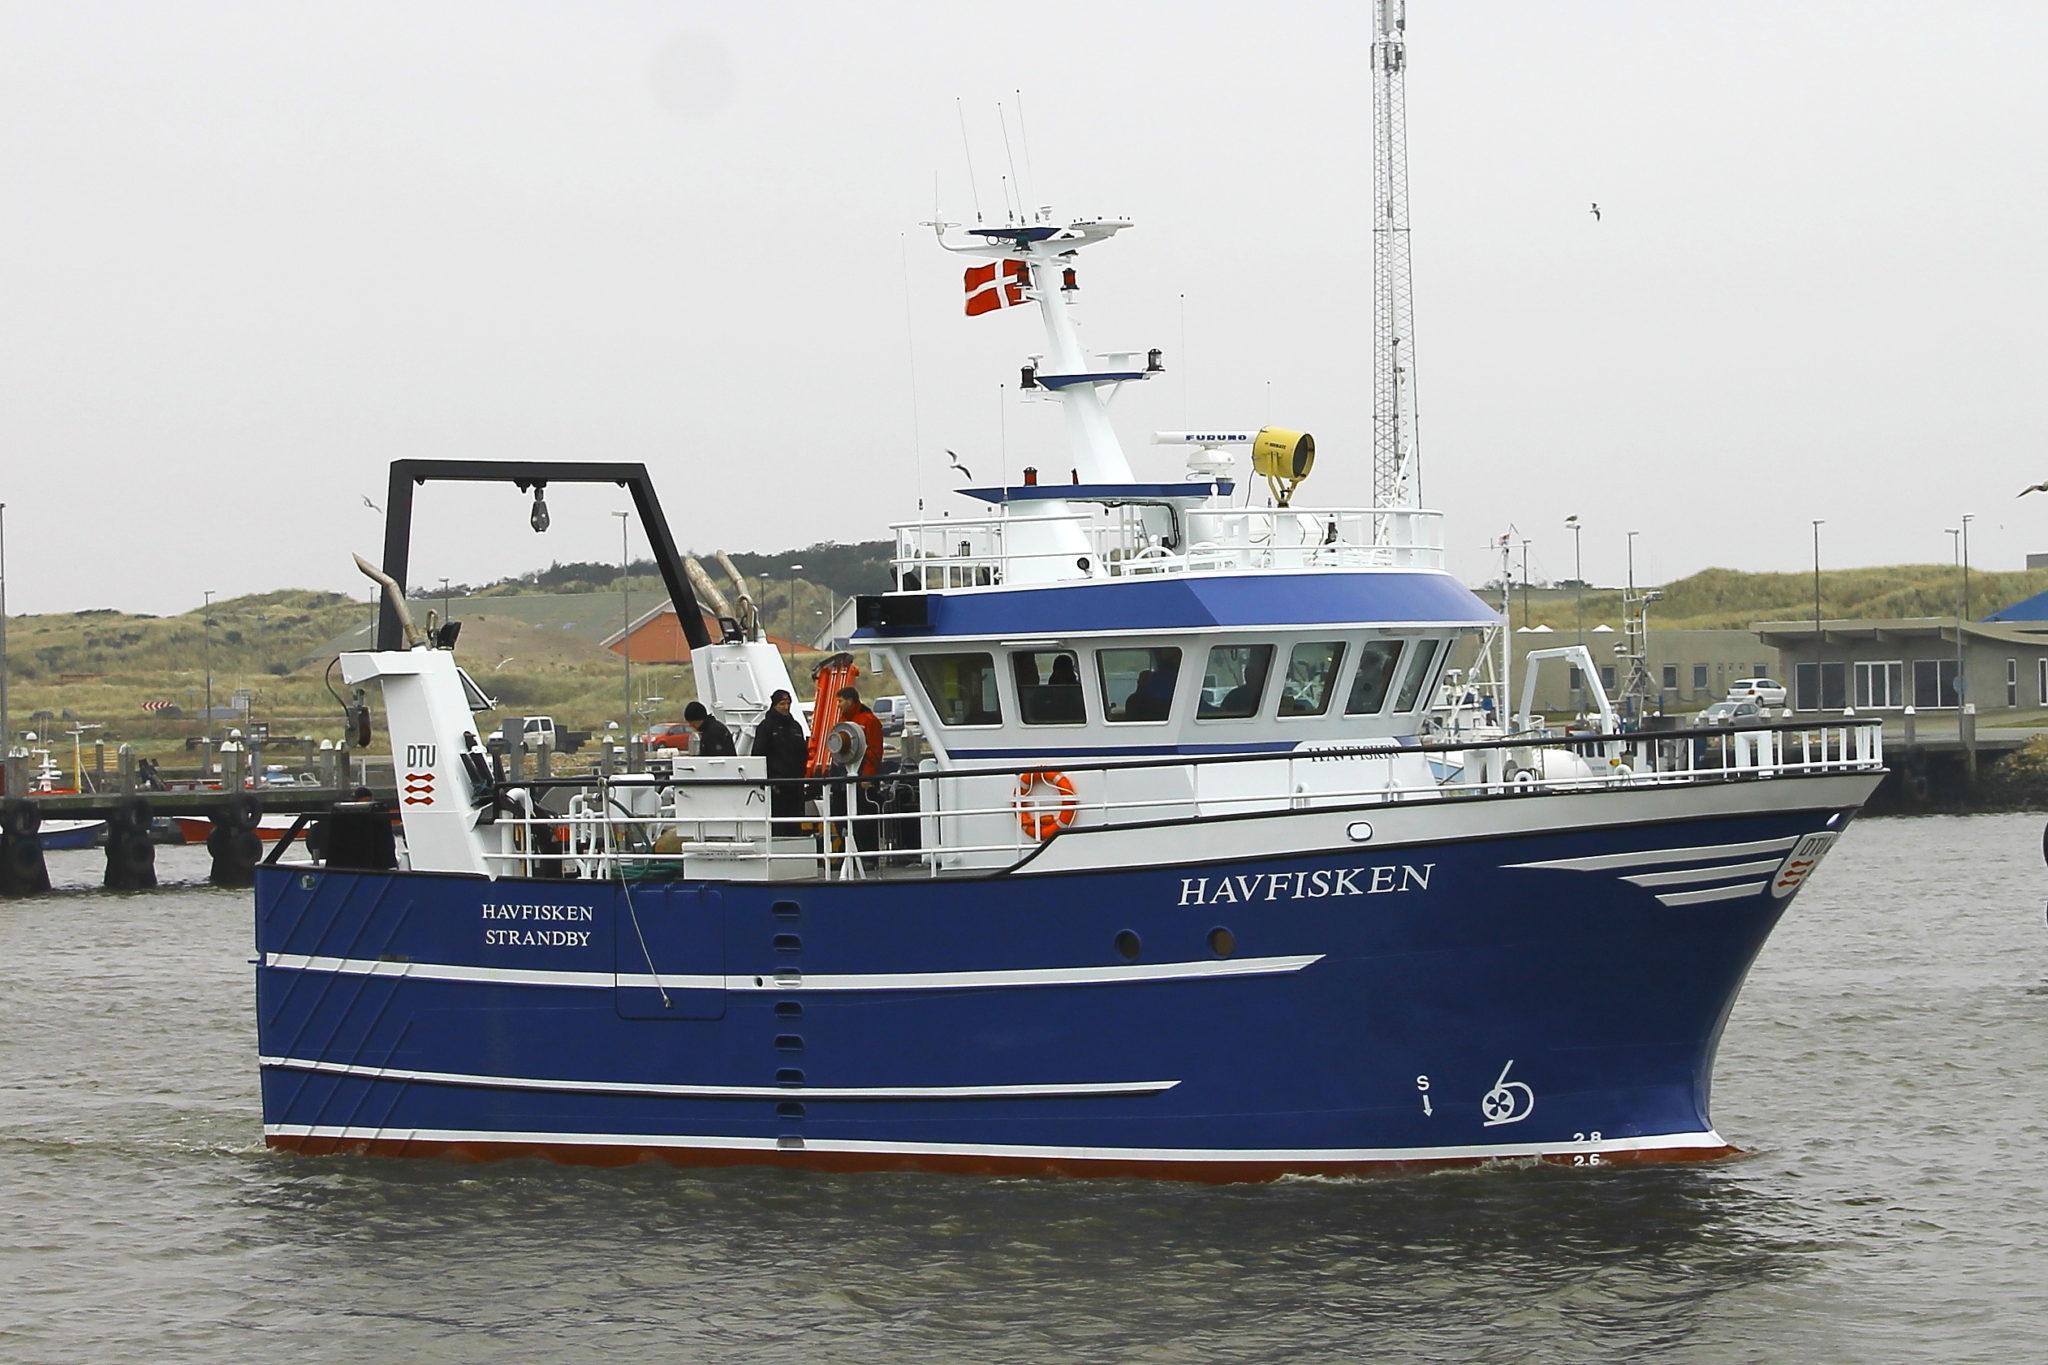 Havfisken deltager i Fiskeriet kommer til Aalborg | Fisker Forsker Netværk